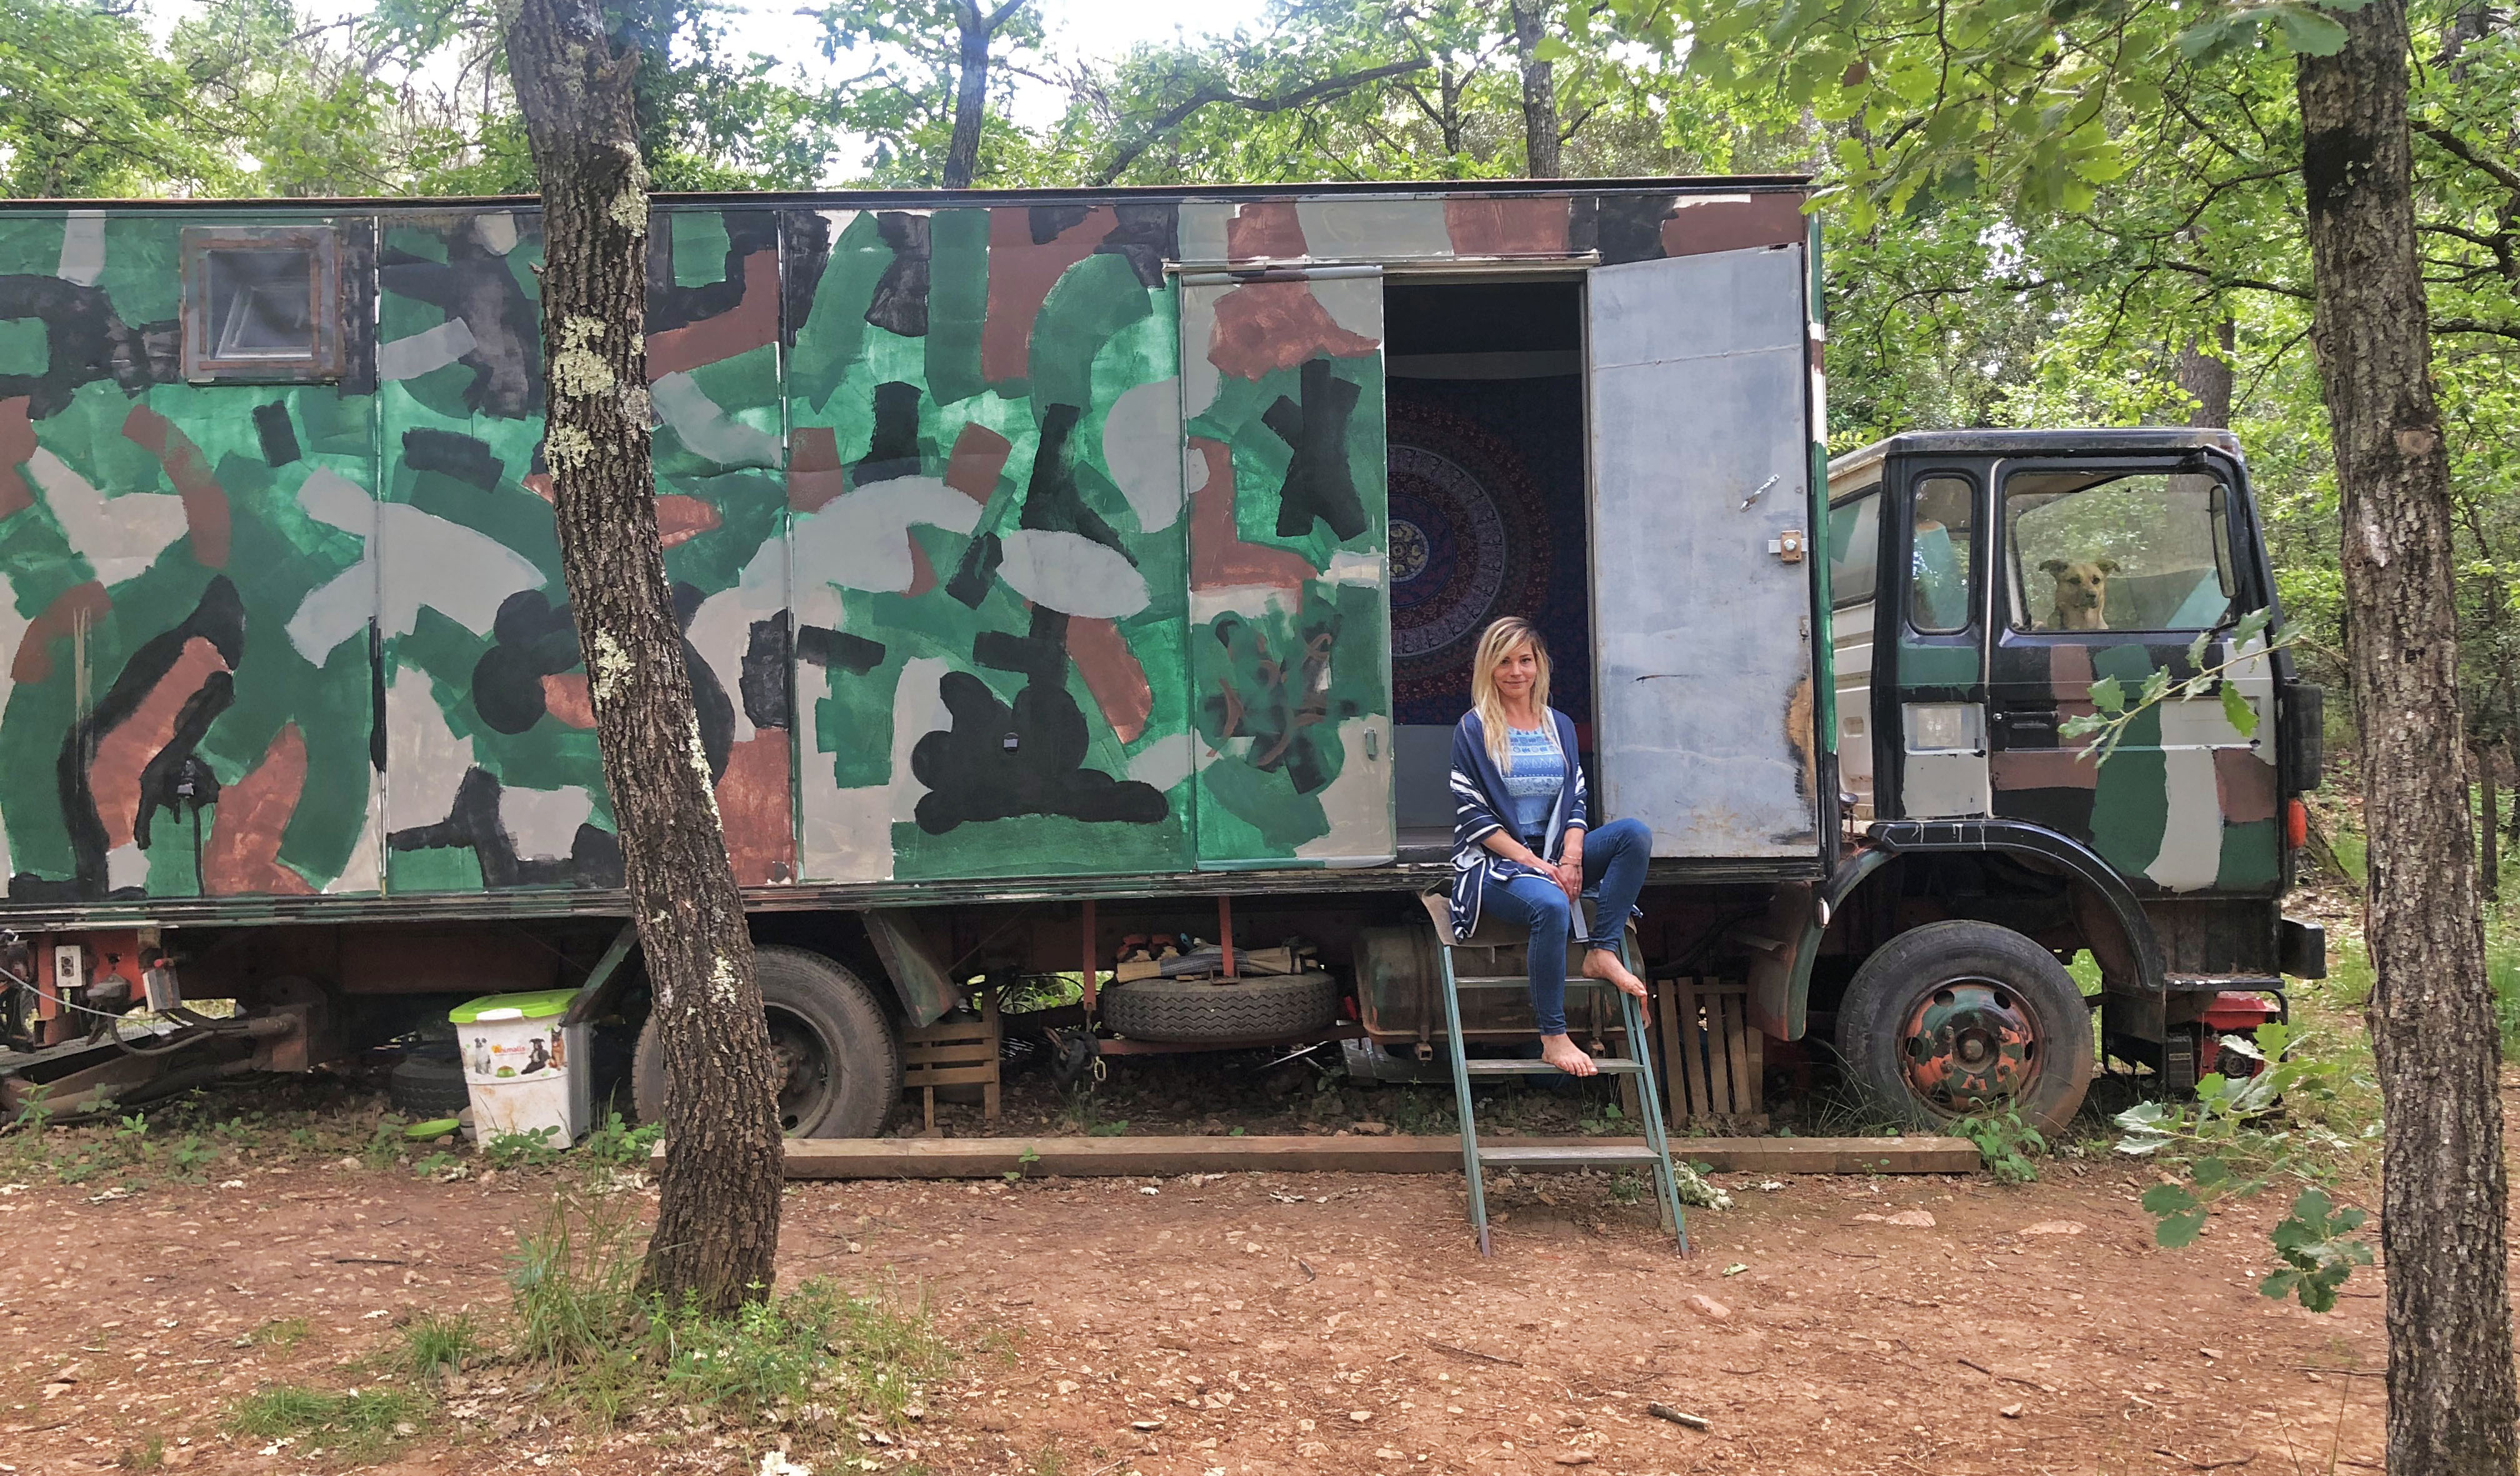 Alicia vivre en forêt autosuffisance vanlife autonomie permaculture